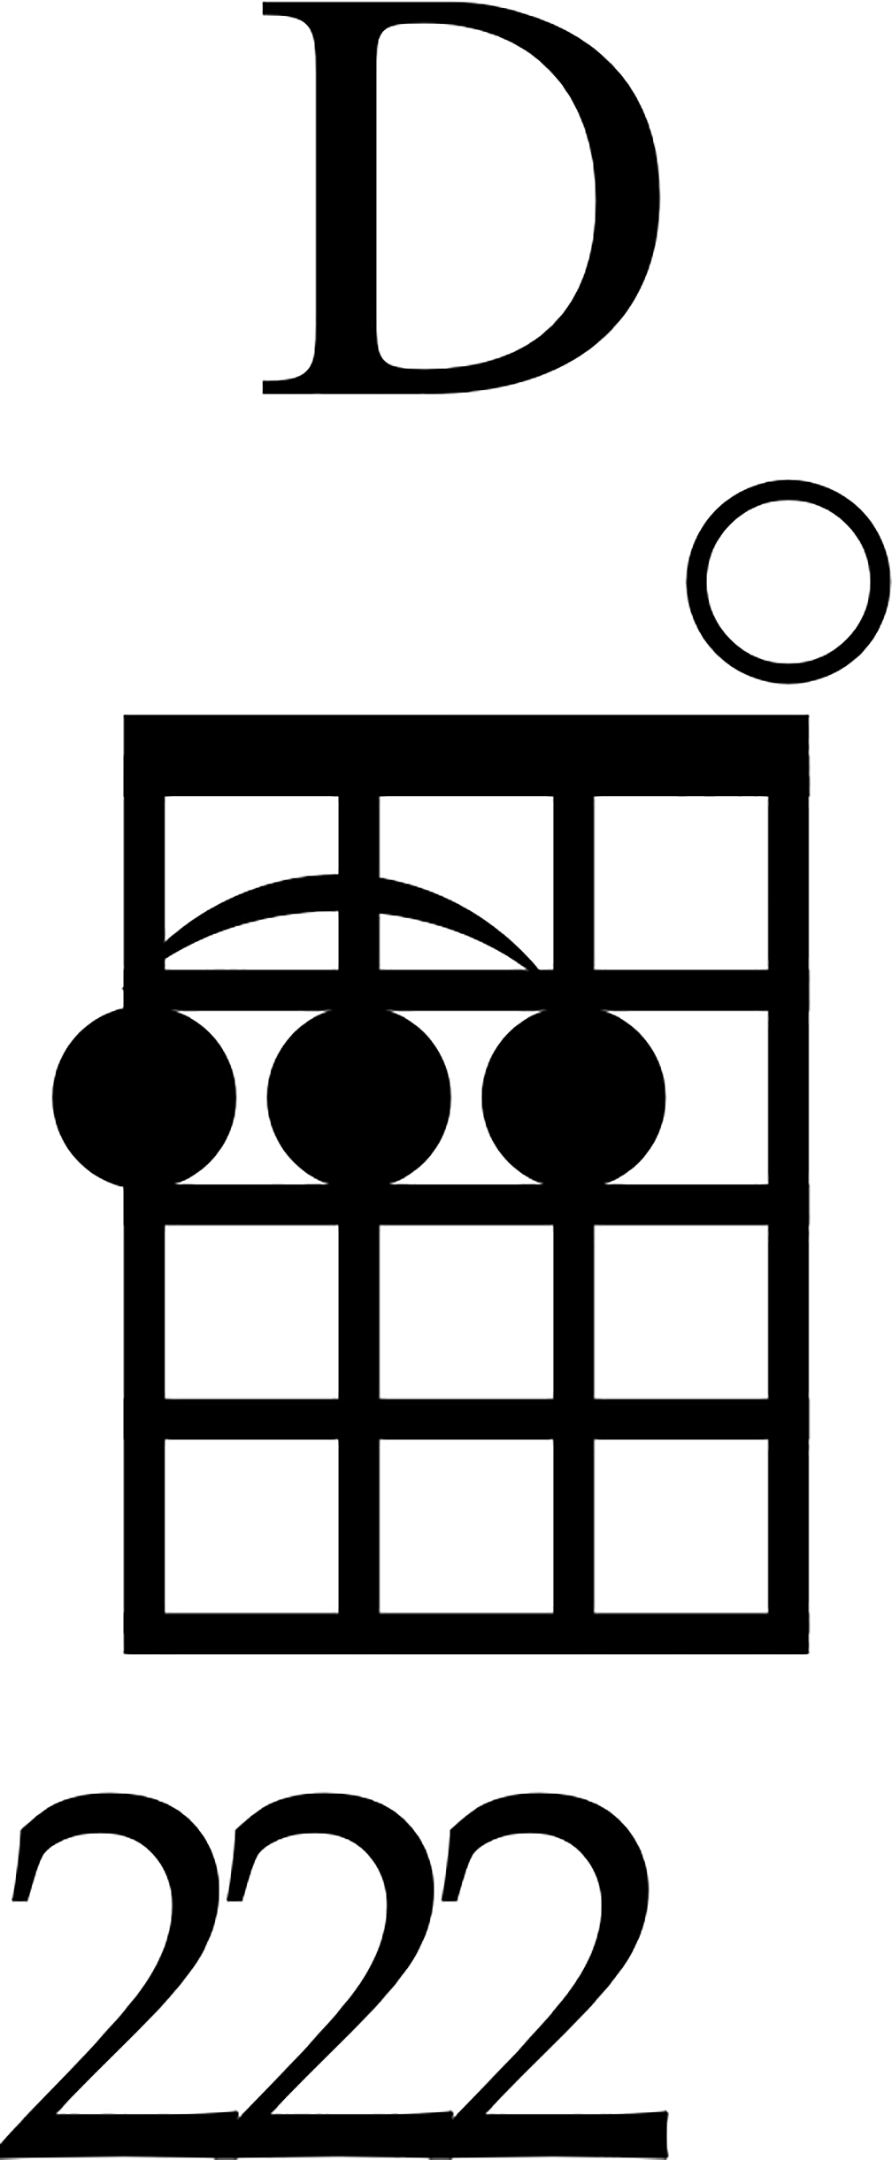 D Ukulele Chord Middle Finger Variation